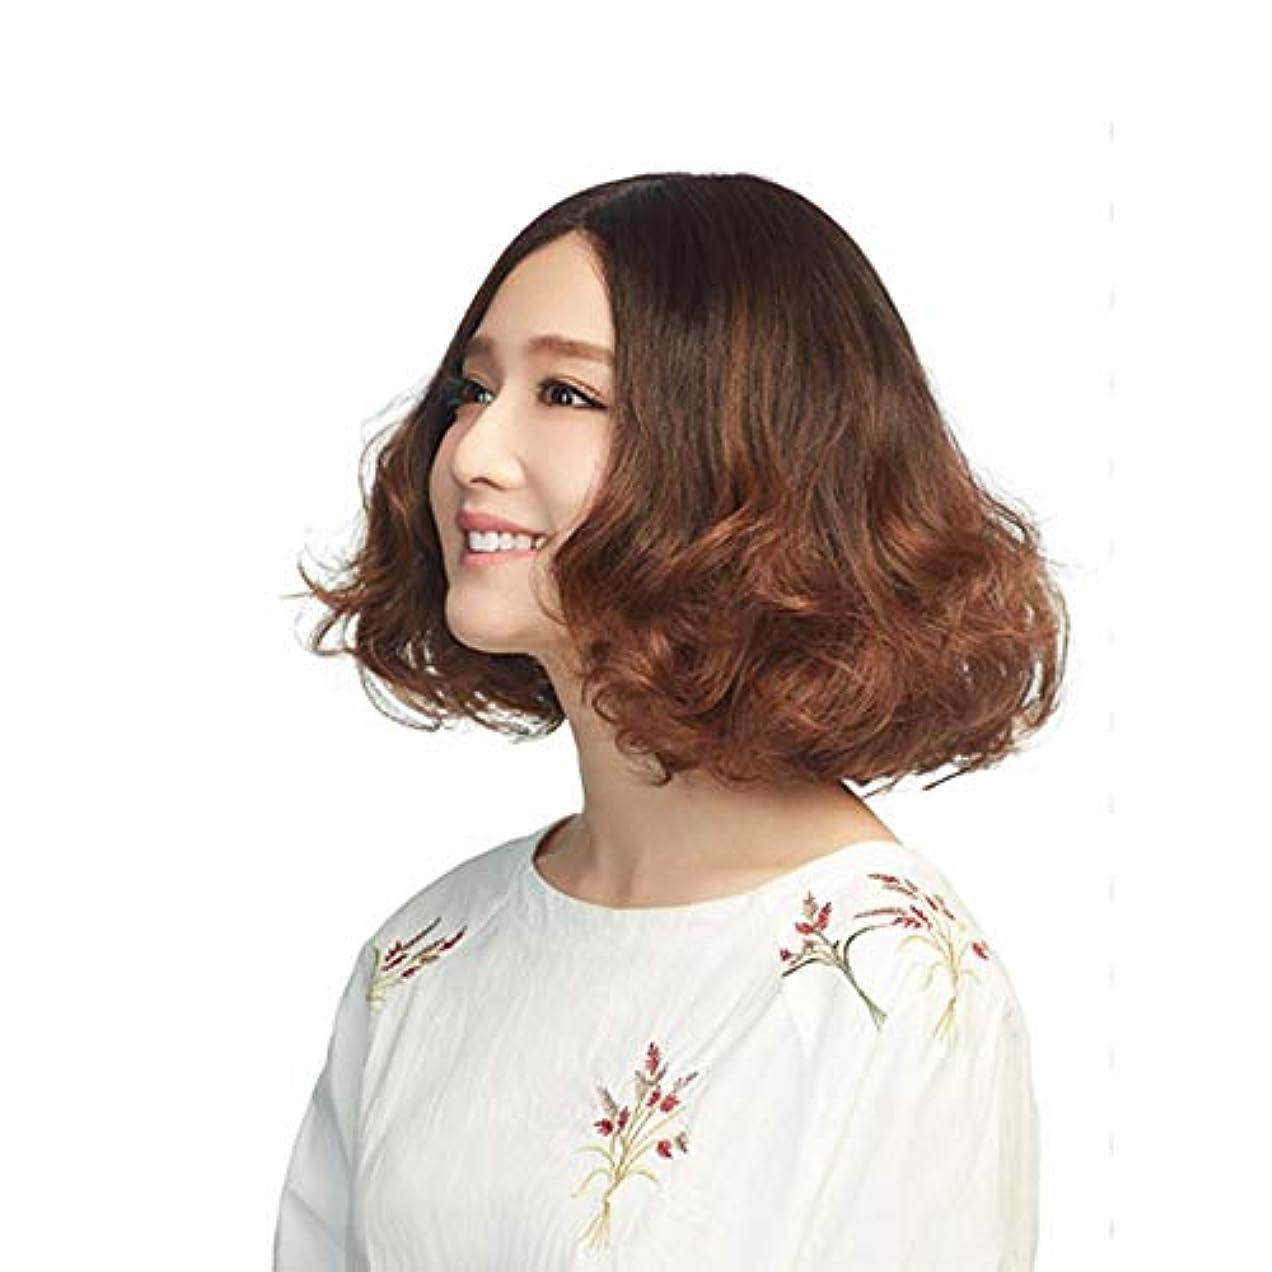 慈善水差しカヌーYOUQIU 無料キャップウィッグを持つ女性の茶ショートカーリーヘアふわふわ人工毛 (色 : ブラウン)